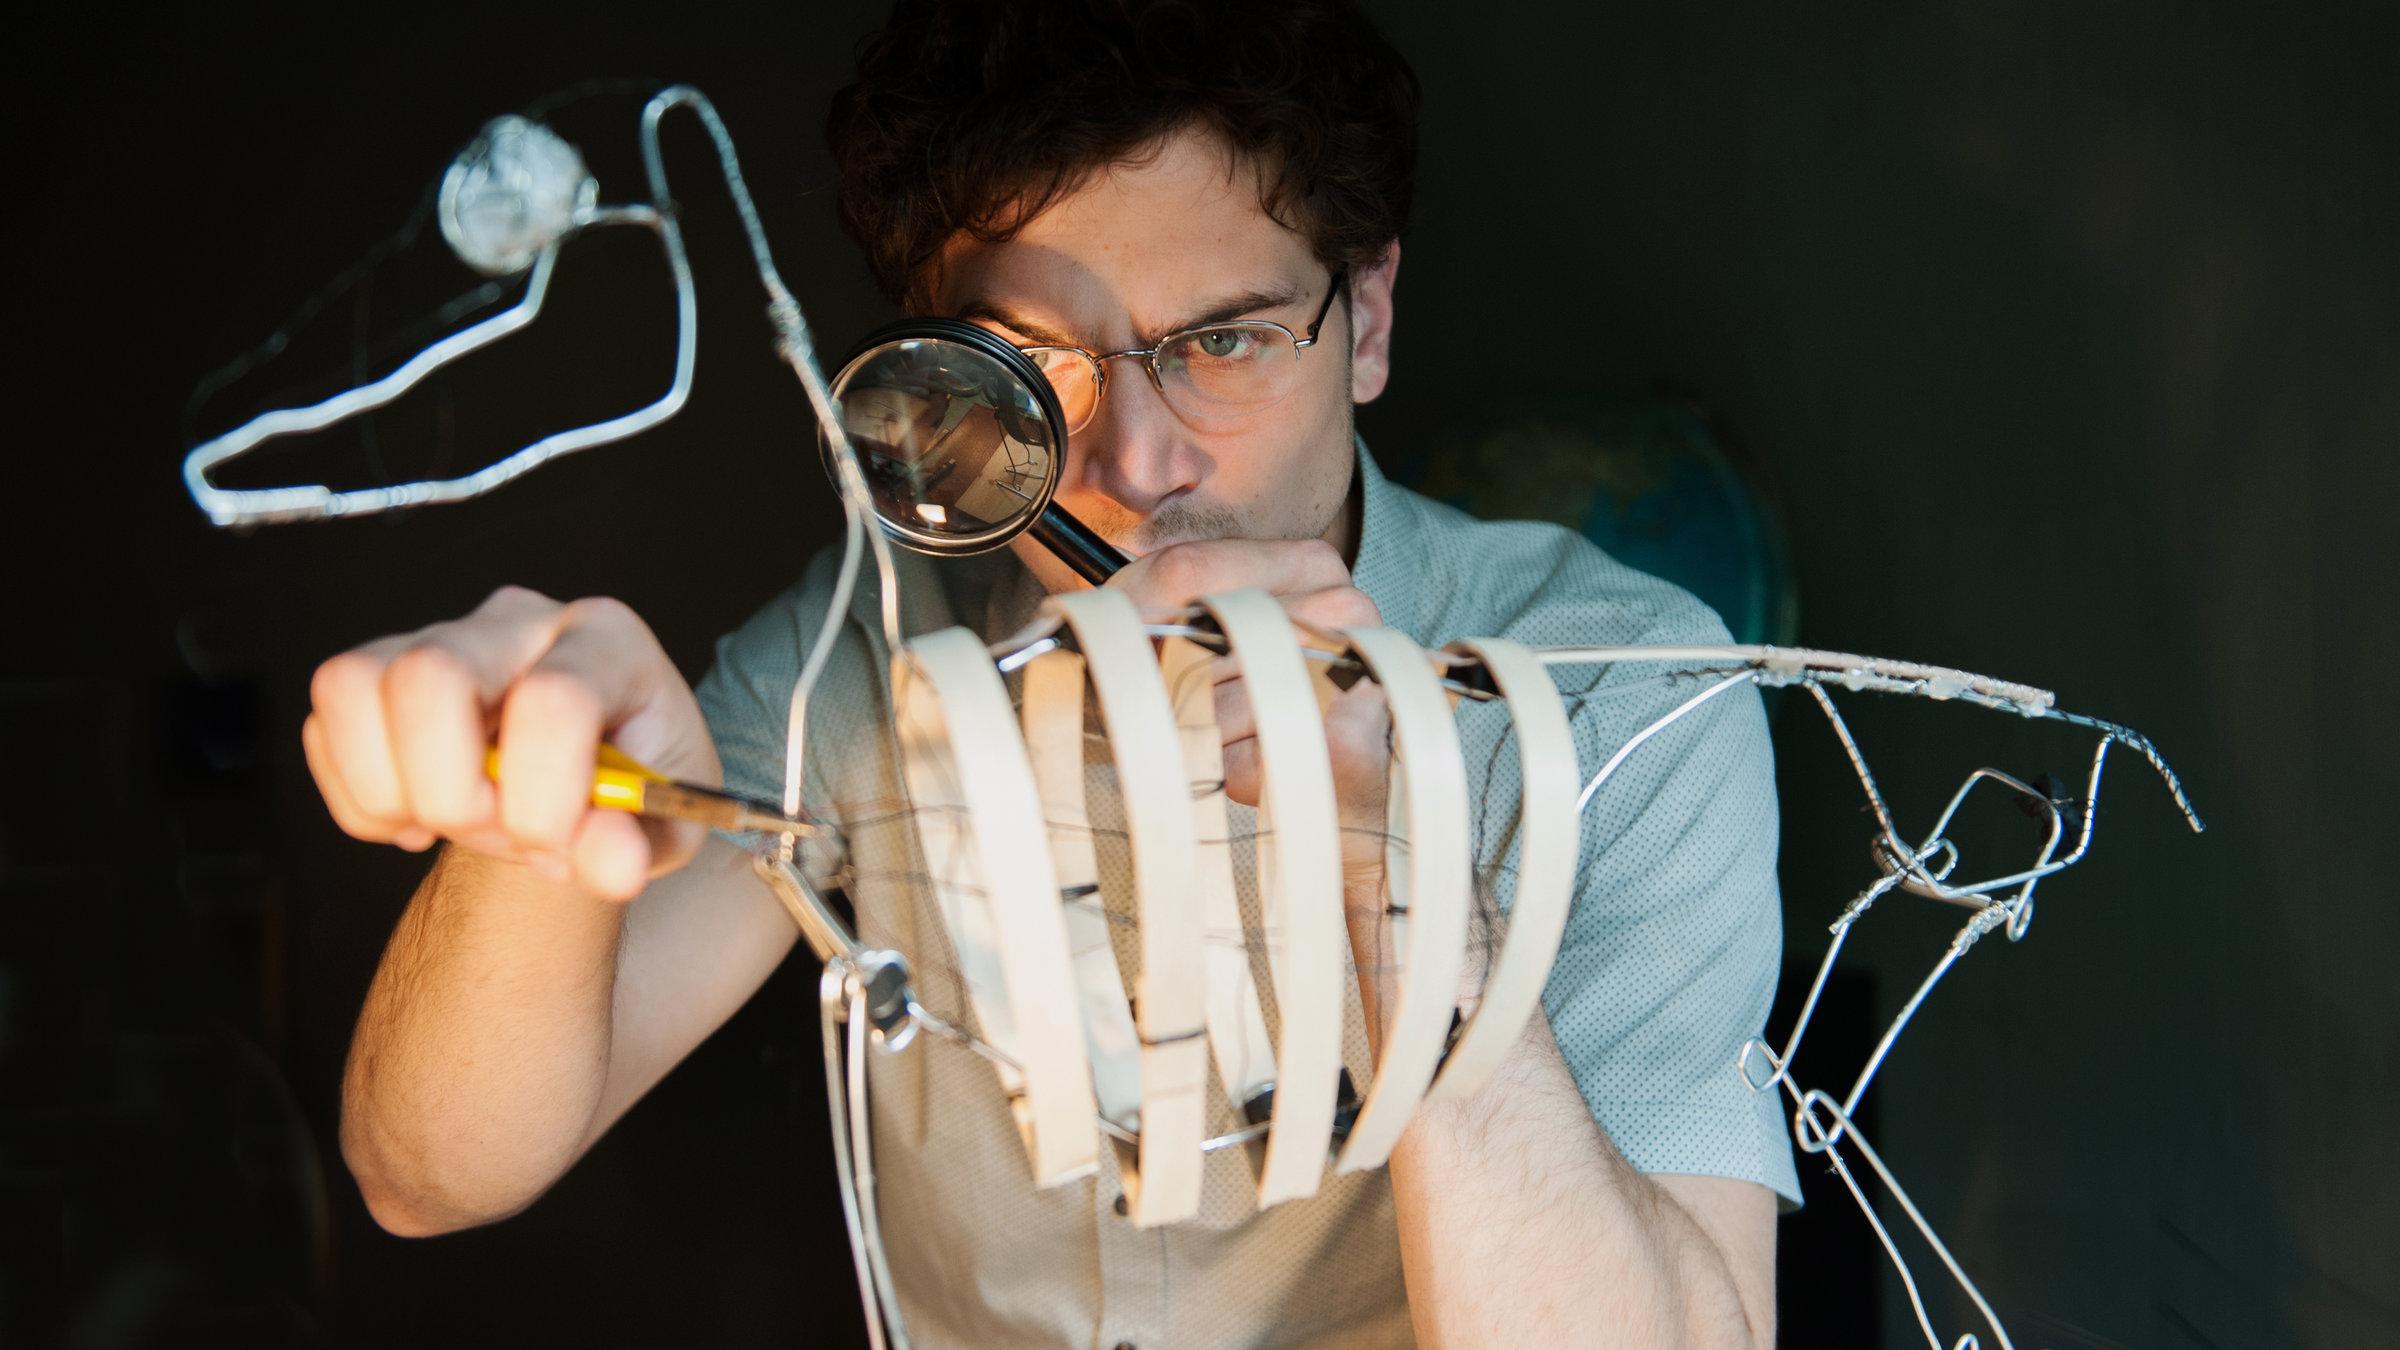 Anatomie - ZDFmediathek